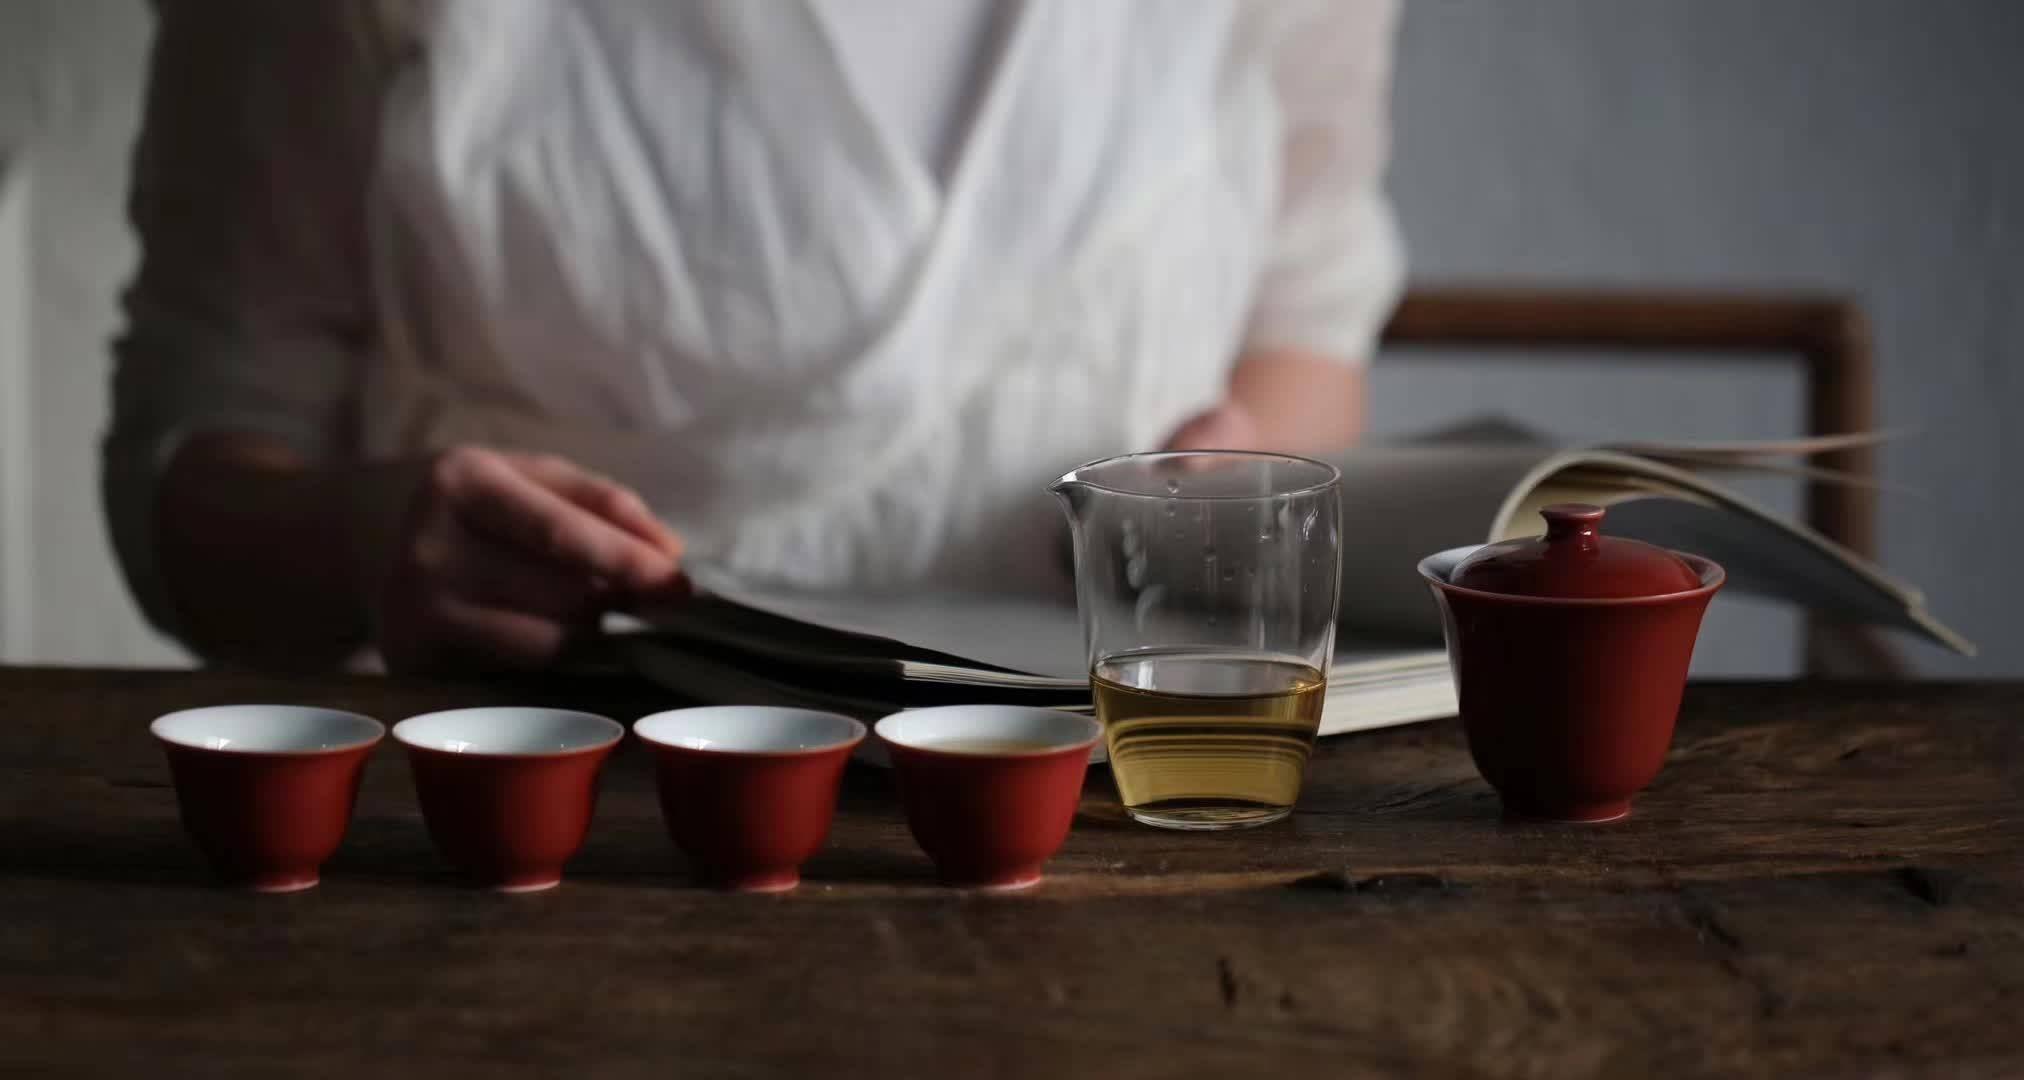 在饮品品牌设计领域里,茶品牌设计应该如何脱颖而出?